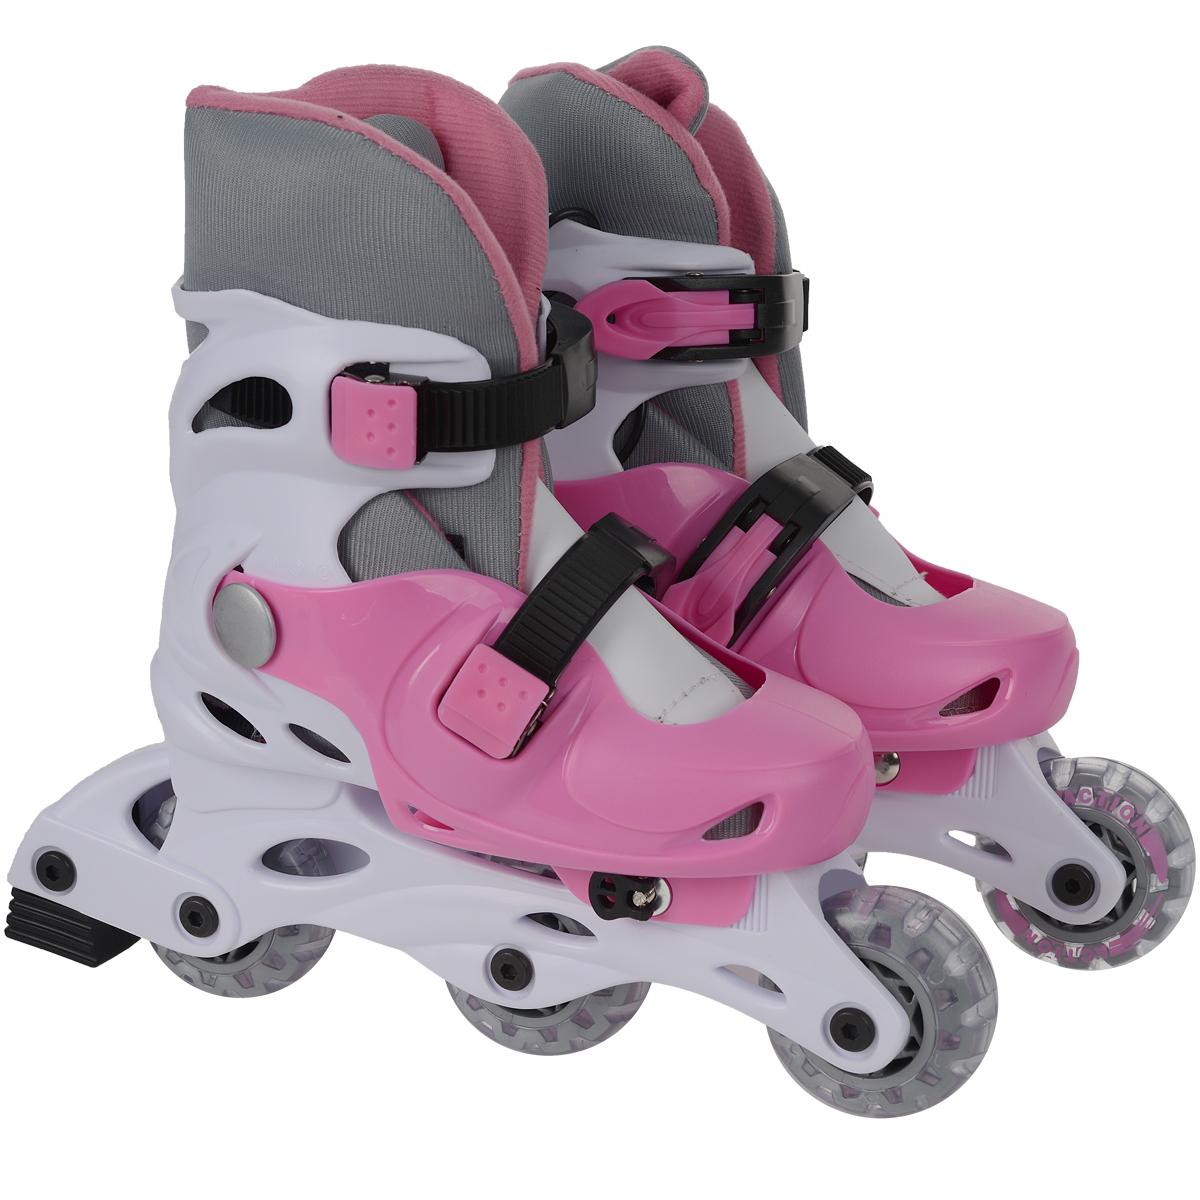 Коньки роликовые Action PW-120, раздвижные, цвет: белый, розовый. Размер 35/38PW-120_1Раздвижные коньки Action PW-120 - это роликовые коньки любительского класса для детей и постоянно растущих подростков, предназначены для занятий спортом и активного отдыха. Коньки имеют пластиковый ботинок с раздвижным механизмом, что обеспечивает хорошую посадку и пластичность, а для еще более комфортного катания ботинки коньков оснащены двумя клипсами с фиксаторами. Облегченная, анатомически облегающая конструкция обеспечивает улучшенную боковую поддержку и полный контроль над движением.Модель снабжена системой Parallel Wheels: возможность переставлять задние колеса в два ряда для большей устойчивости. Второе колесо с конца можно снять и разместить на оси параллельно с последним колесом. Для перестановки колес в комплект входит необходимый набор осей и ключ-шестигранник.Диаметр колес 64 мм.Жесткость колеса: 82А. Тип фиксации: две клипсы с фиксаторами. Максимальный вес пользователя: 40 кг.В каждой модели роликов есть тормоз. УВАЖАЕМЫЕ КЛИЕНТЫ!Обращаем ваше внимание на различие в количестве колес в зависимости от размеров роликов: ролики размером 31/34 поставляются с 3 колесами (система Parallel Wheels), размером 35/38 - с 4.